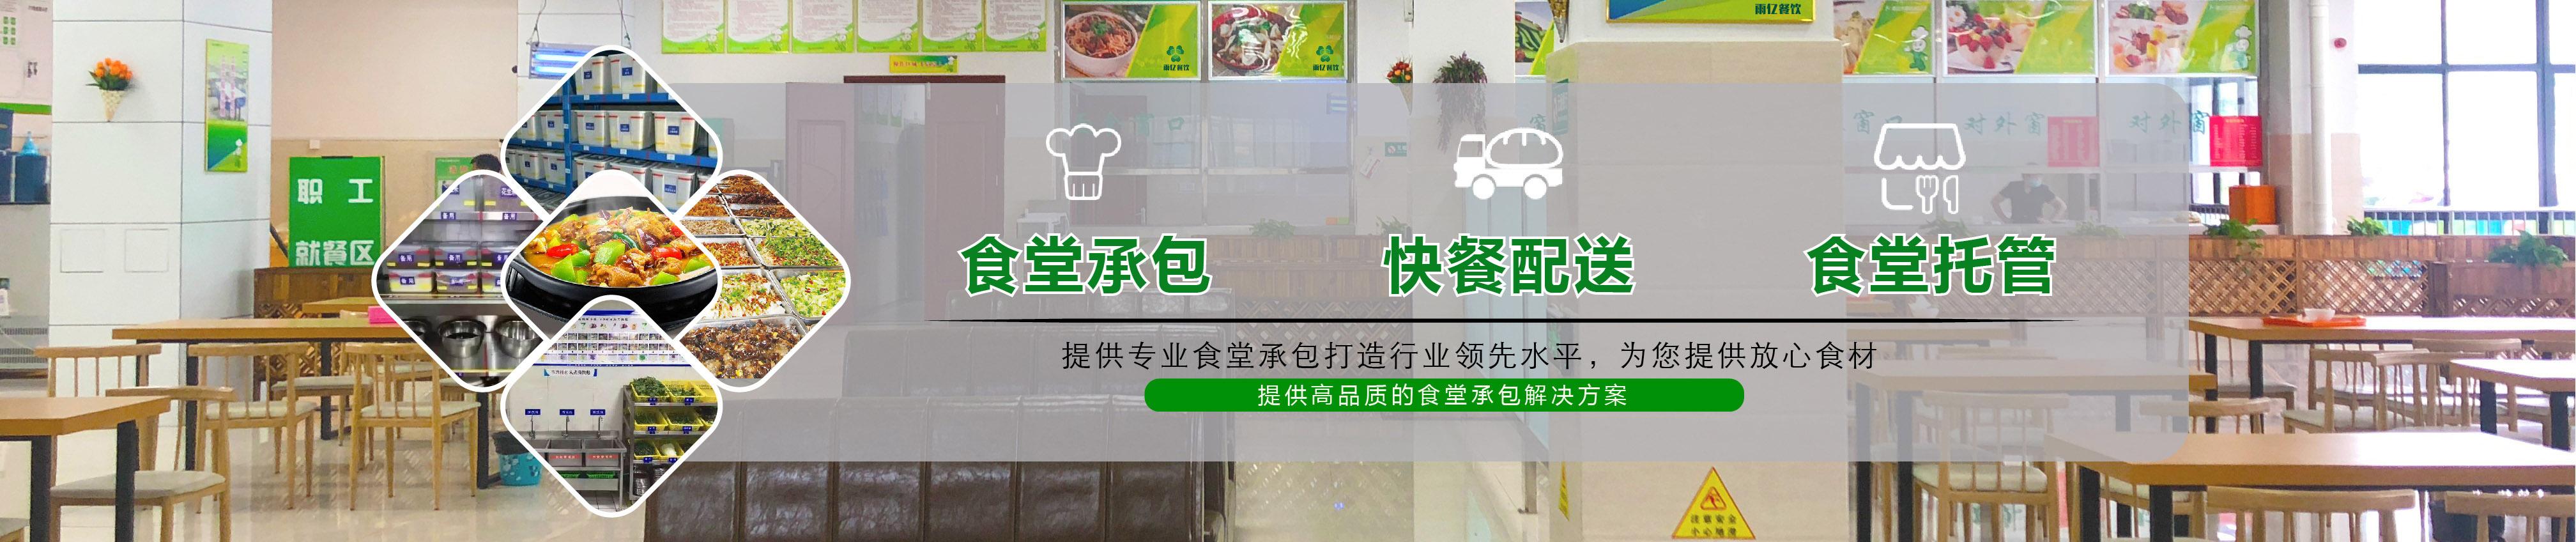 苏州食堂承包餐厅